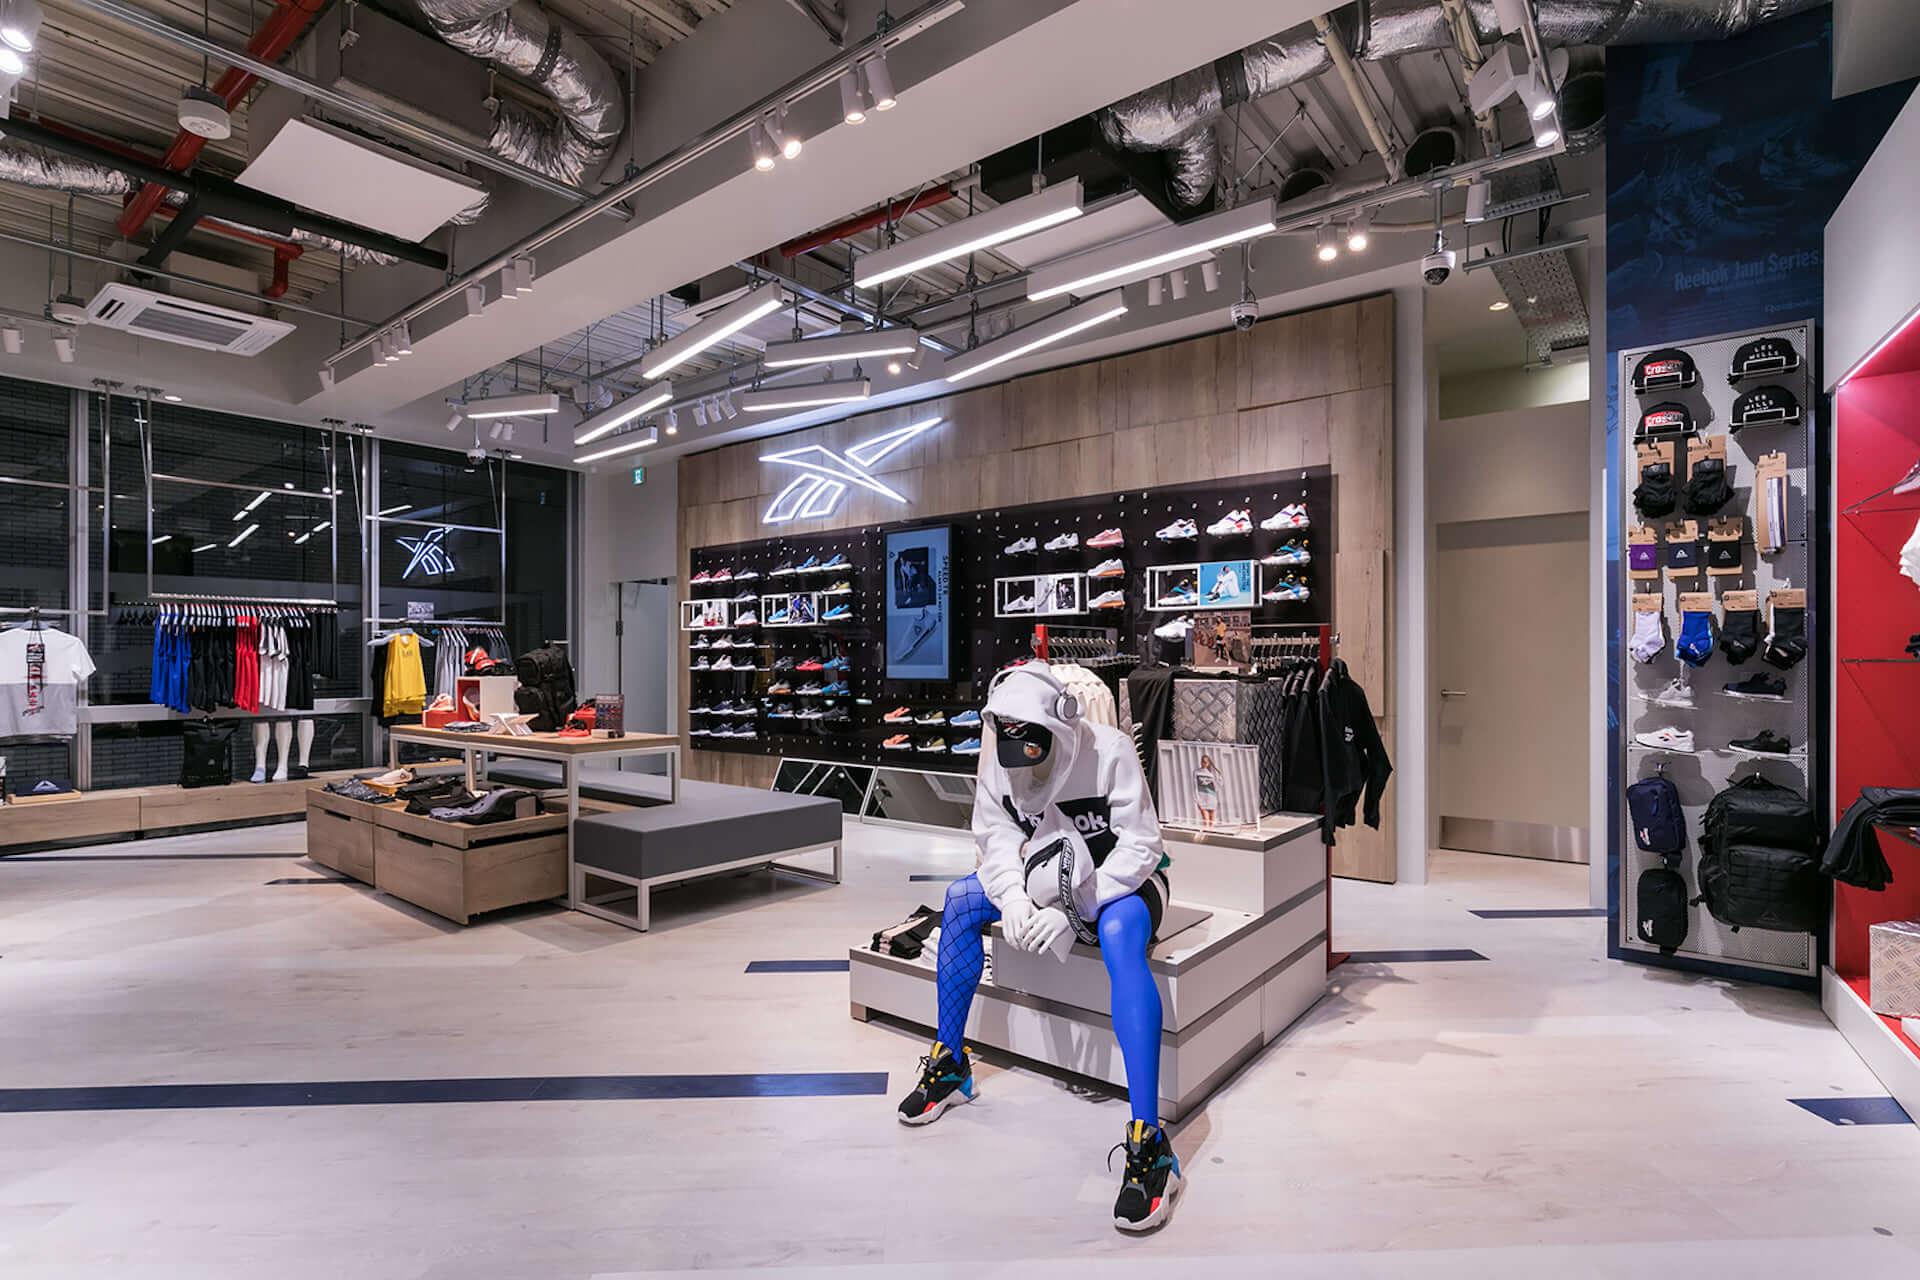 フィットネスとファッションを融合するReebok Store Shibuyaがオープン スタイリングプロジェクト実施、限定アイテムも life190913_reebok_16-1920x1280